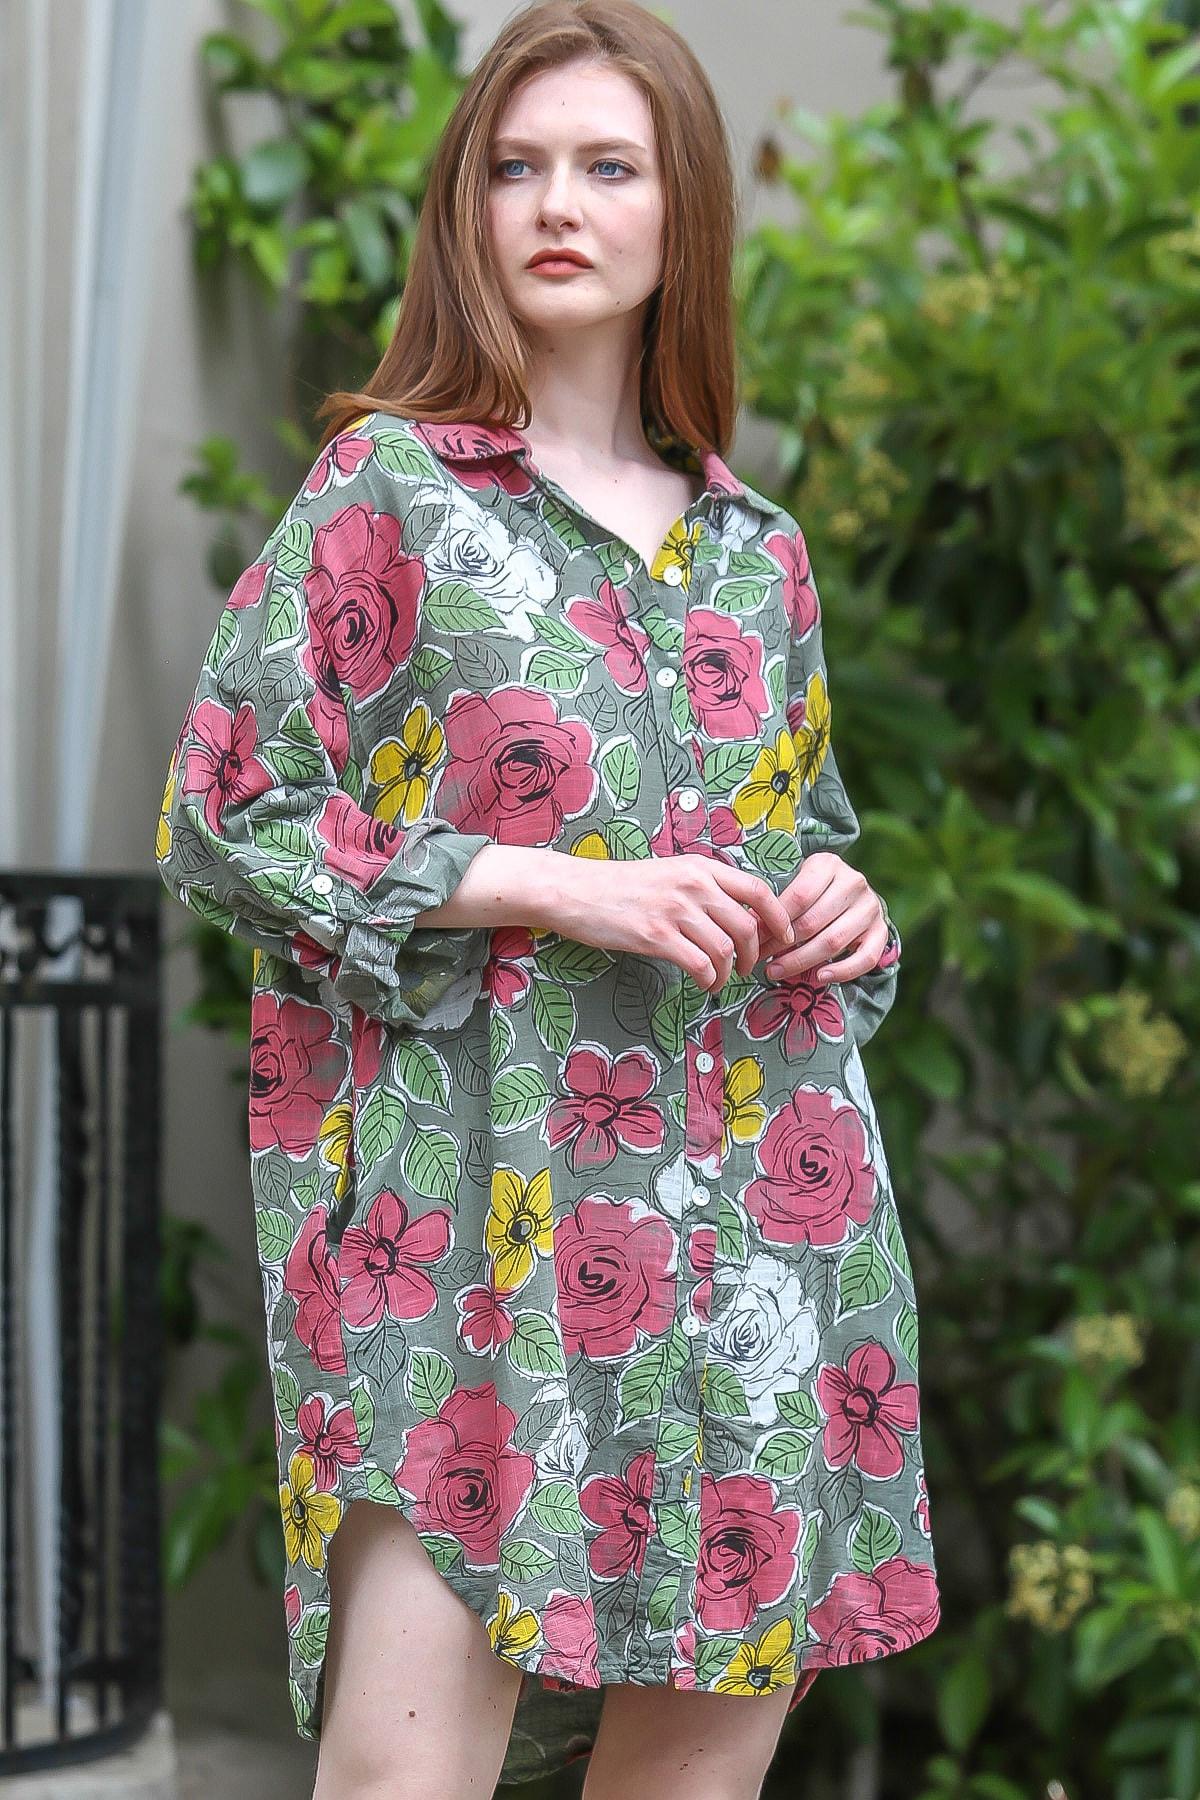 Chiccy Kadın Yeşil İtalyan Gül Desenli Keten Cepli Gömlek Tunik Elbise M10160000EL94824